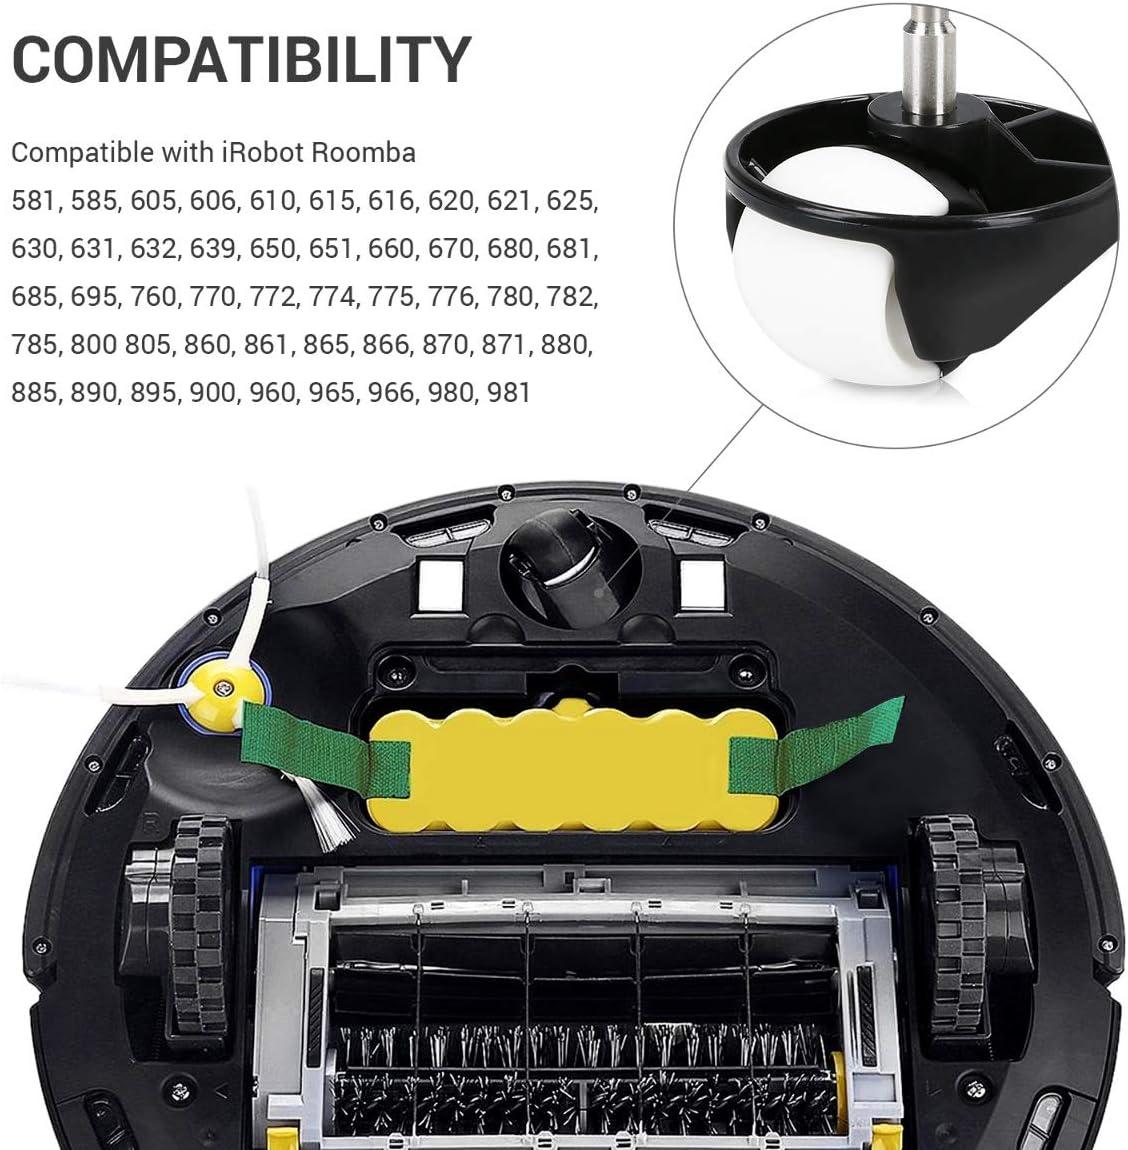 kwmobile Set de 2 Ruedas Delanteras de Repuesto compatibles con Roomba - 500/600/700/800/900 - Recambios de Ruedas universales para Robot Aspirador: Amazon.es: Hogar